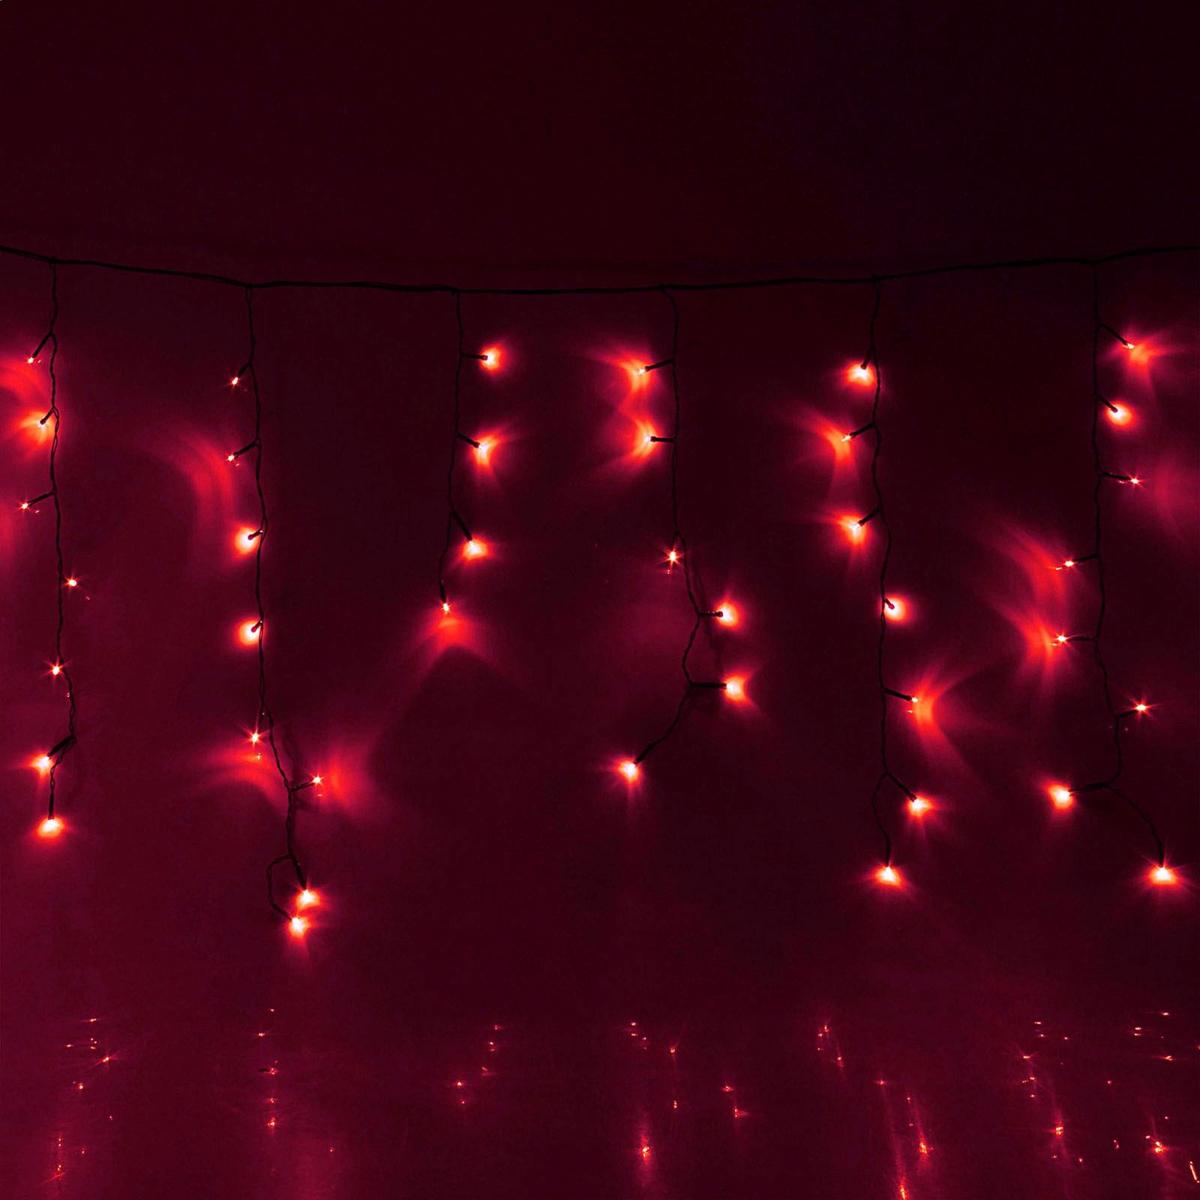 Гирлянда светодиодная Luazon Бахрома, уличная, 8 режимов, 180 ламп, 220 V, цвет: красный, 4 х 0,6 м. 187274187274Светодиодные гирлянды, ленты и т.д — это отличный вариант для новогоднего оформления интерьера или фасада. С их помощью помещение любого размера можно превратить в праздничный зал, а внешние элементы зданий, украшенные ими, мгновенно станут напоминать очертания сказочного дворца. Такие украшения создают ауру предвкушения чуда. Деревья, фасады, витрины, окна и арки будто специально созданы, чтобы вы украсили их светящимися нитями.